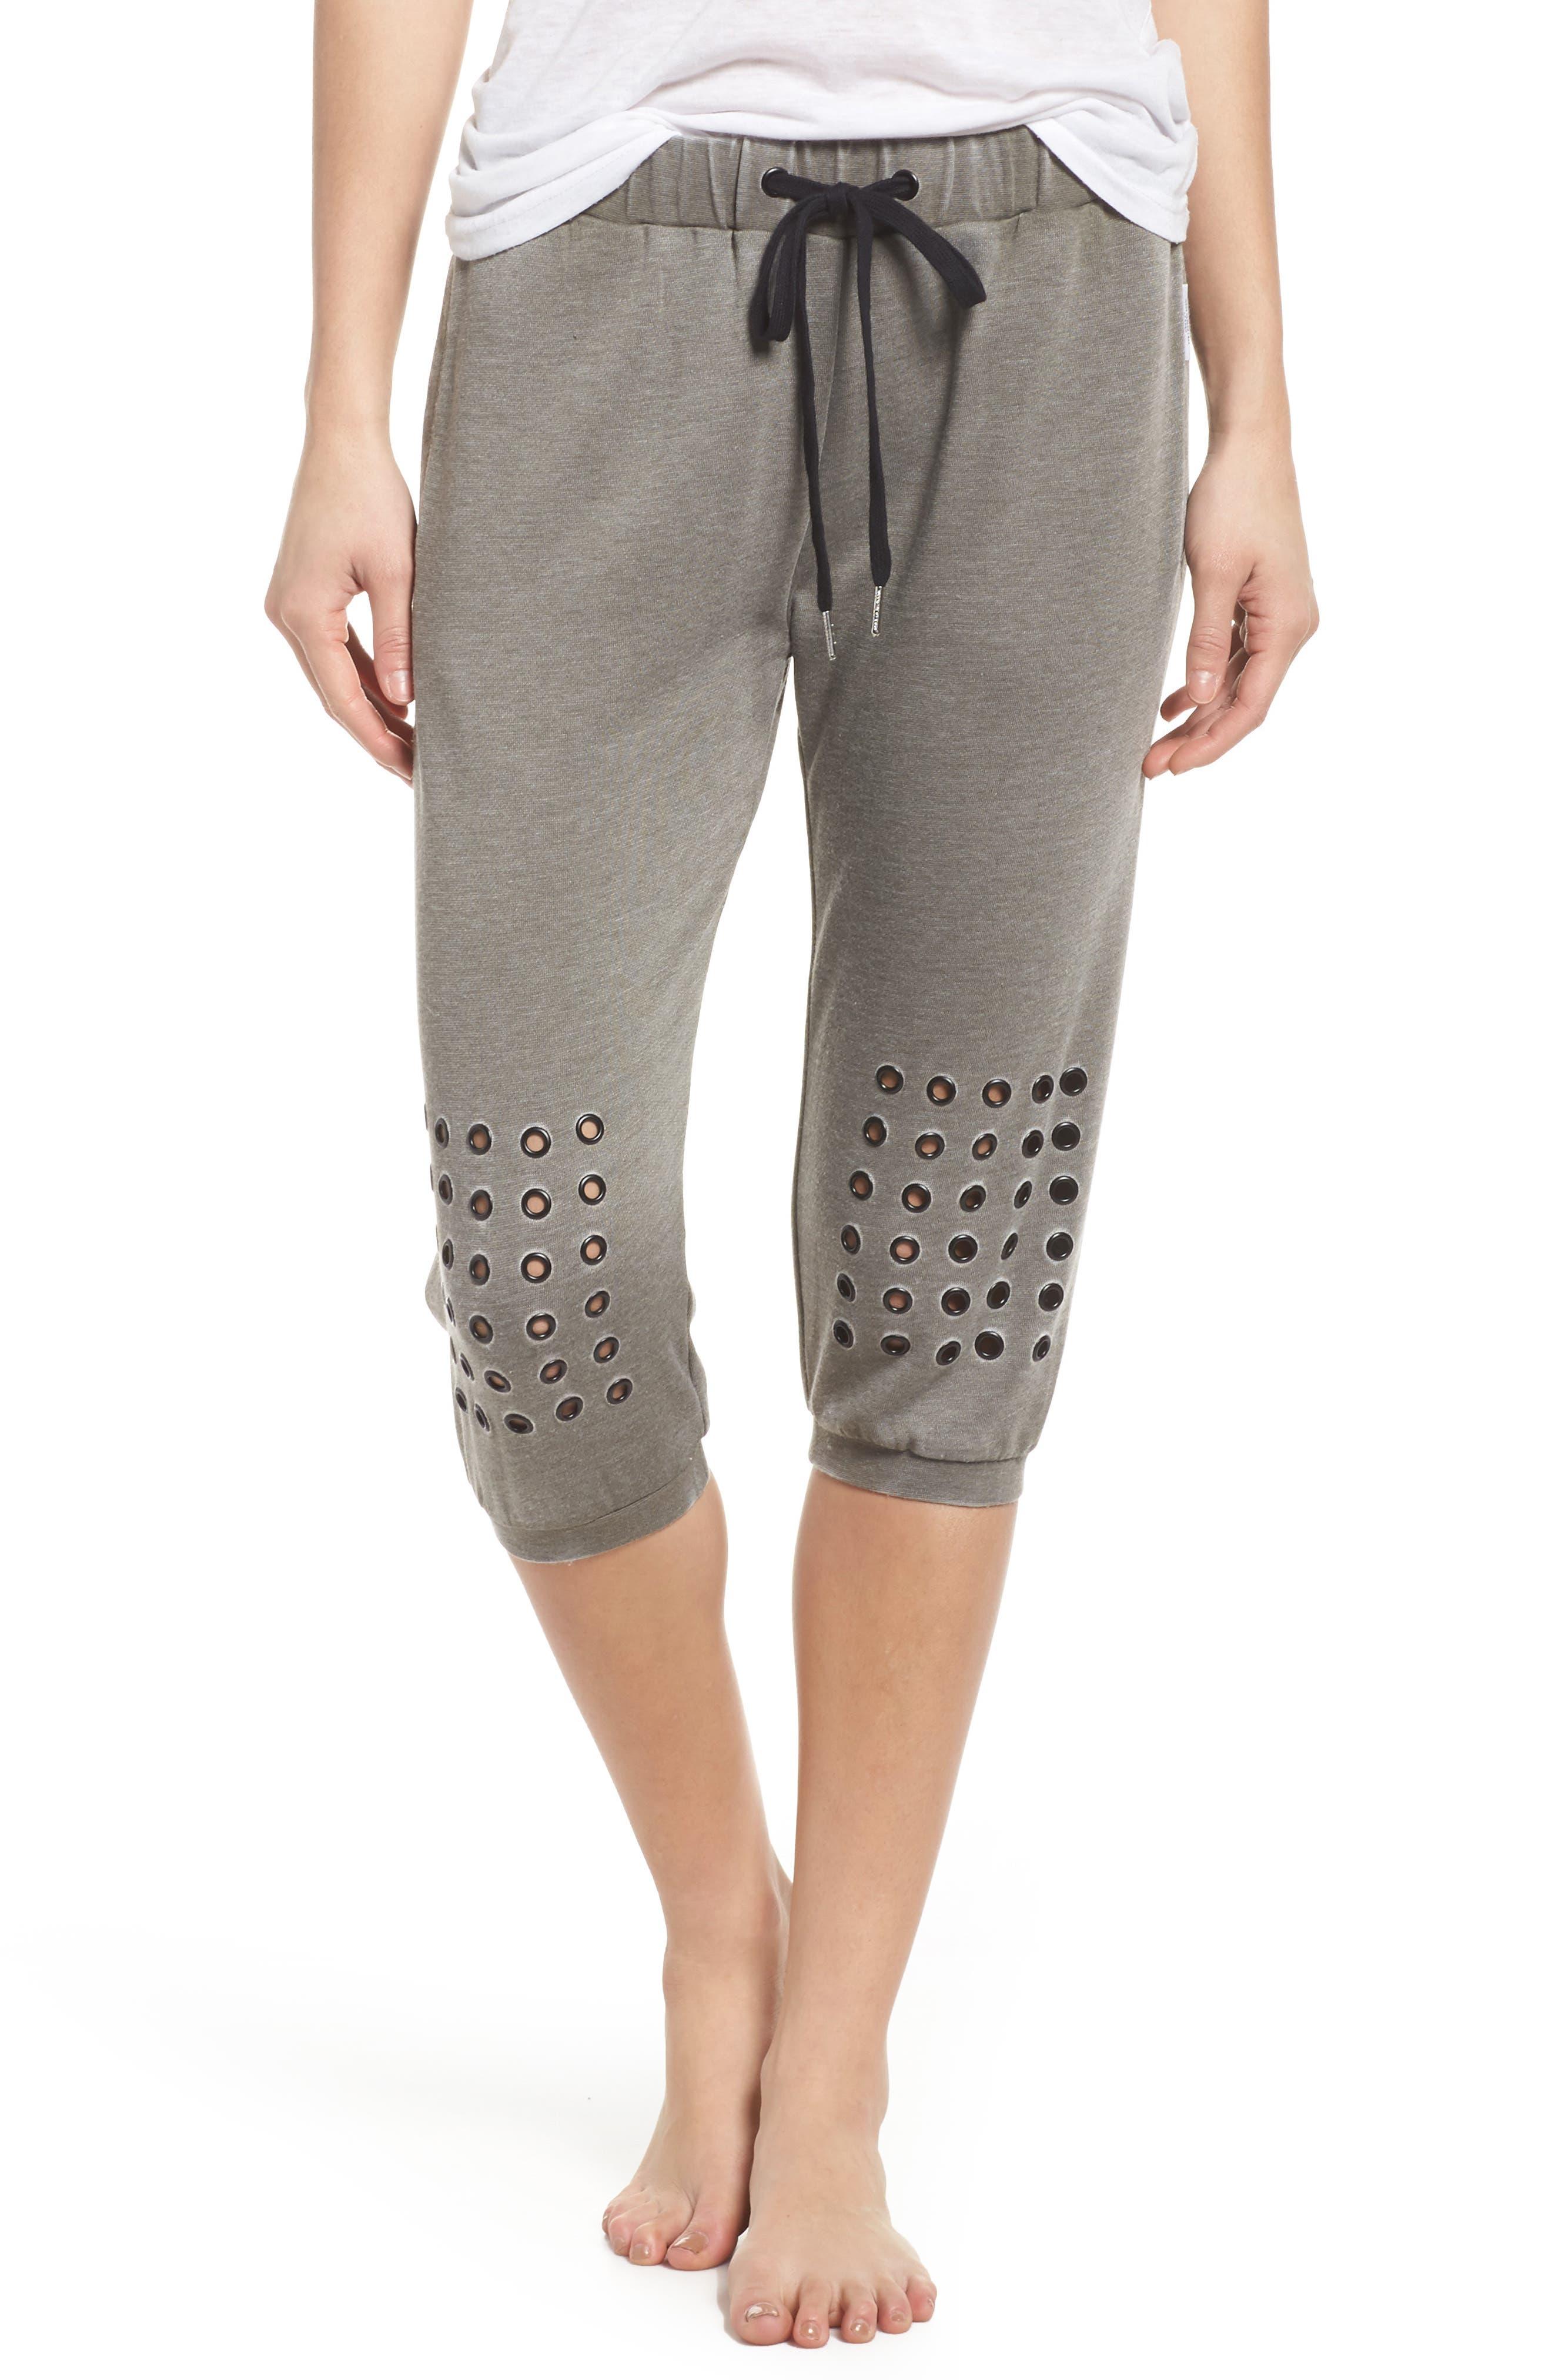 The Laundry Room Knee Length Shorts